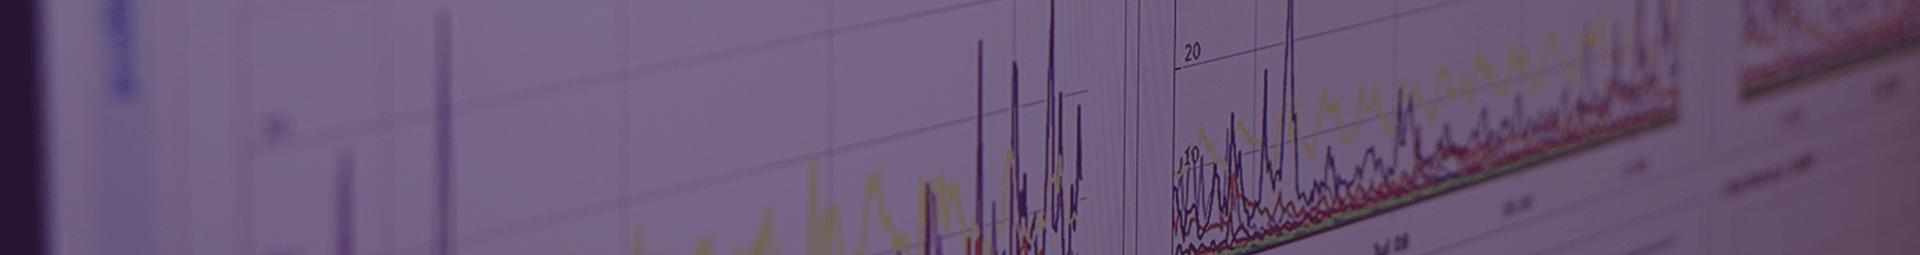 DDoS Monitoring